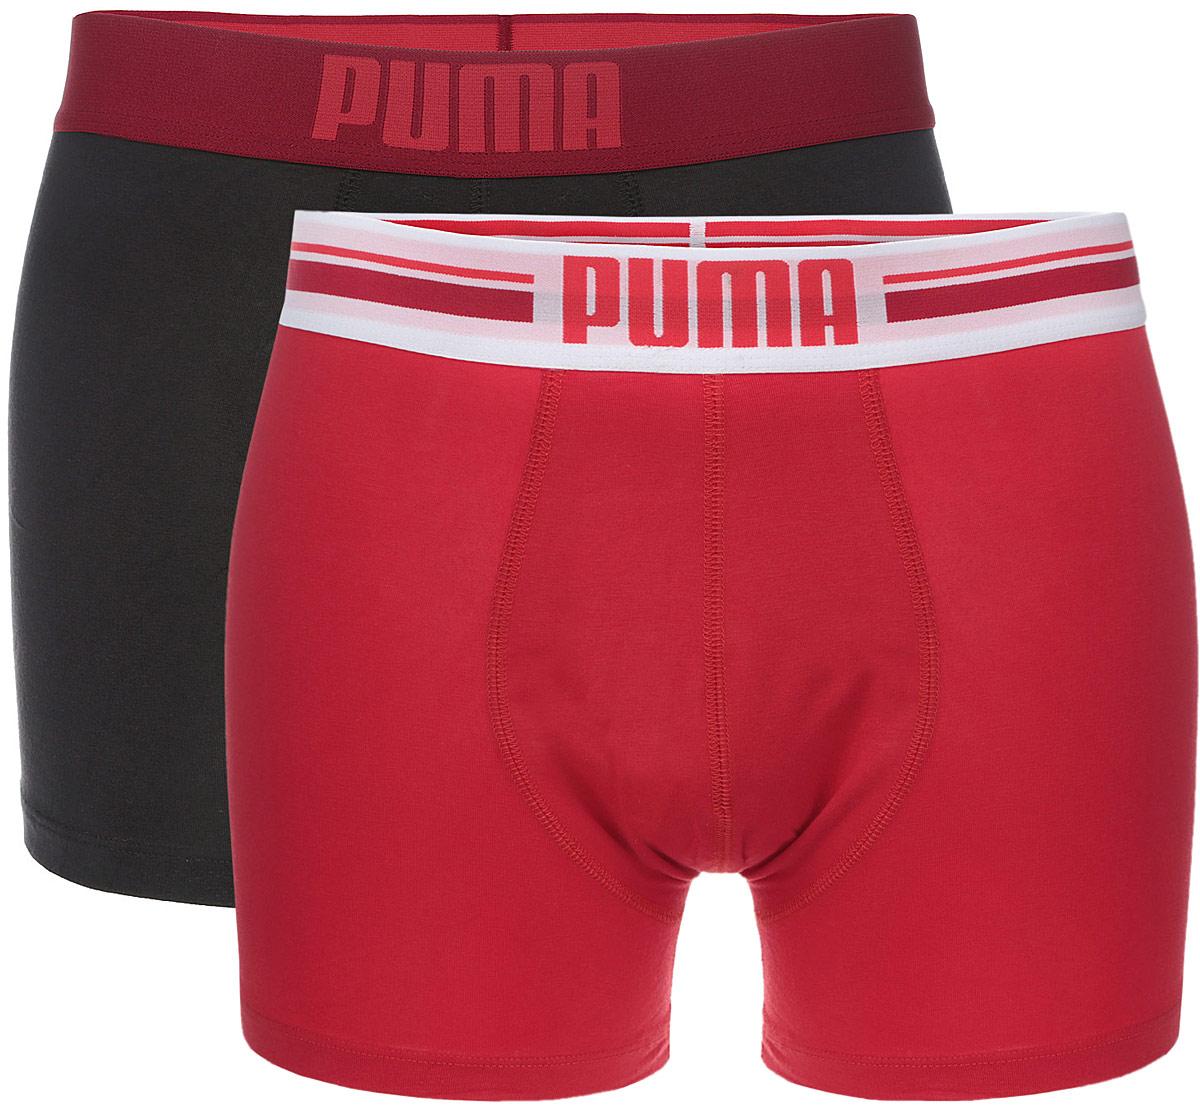 Трусы мужские Puma Placed Logo Boxer 2P, 2 шт. 906519090651901Комплект классических трусов-боксеров Puma Placed Logo Boxer 2P на широкой резинке с надписью логотипа бренда по поясу. Тонкие, мягкие, нежные и приятные к телу трусы подходят к любой фигуре и будут незаметны под одеждой. Модель создана для тех, кто предпочитает комфорт, практичность и современный дизайн. В комплекте 2 шт.